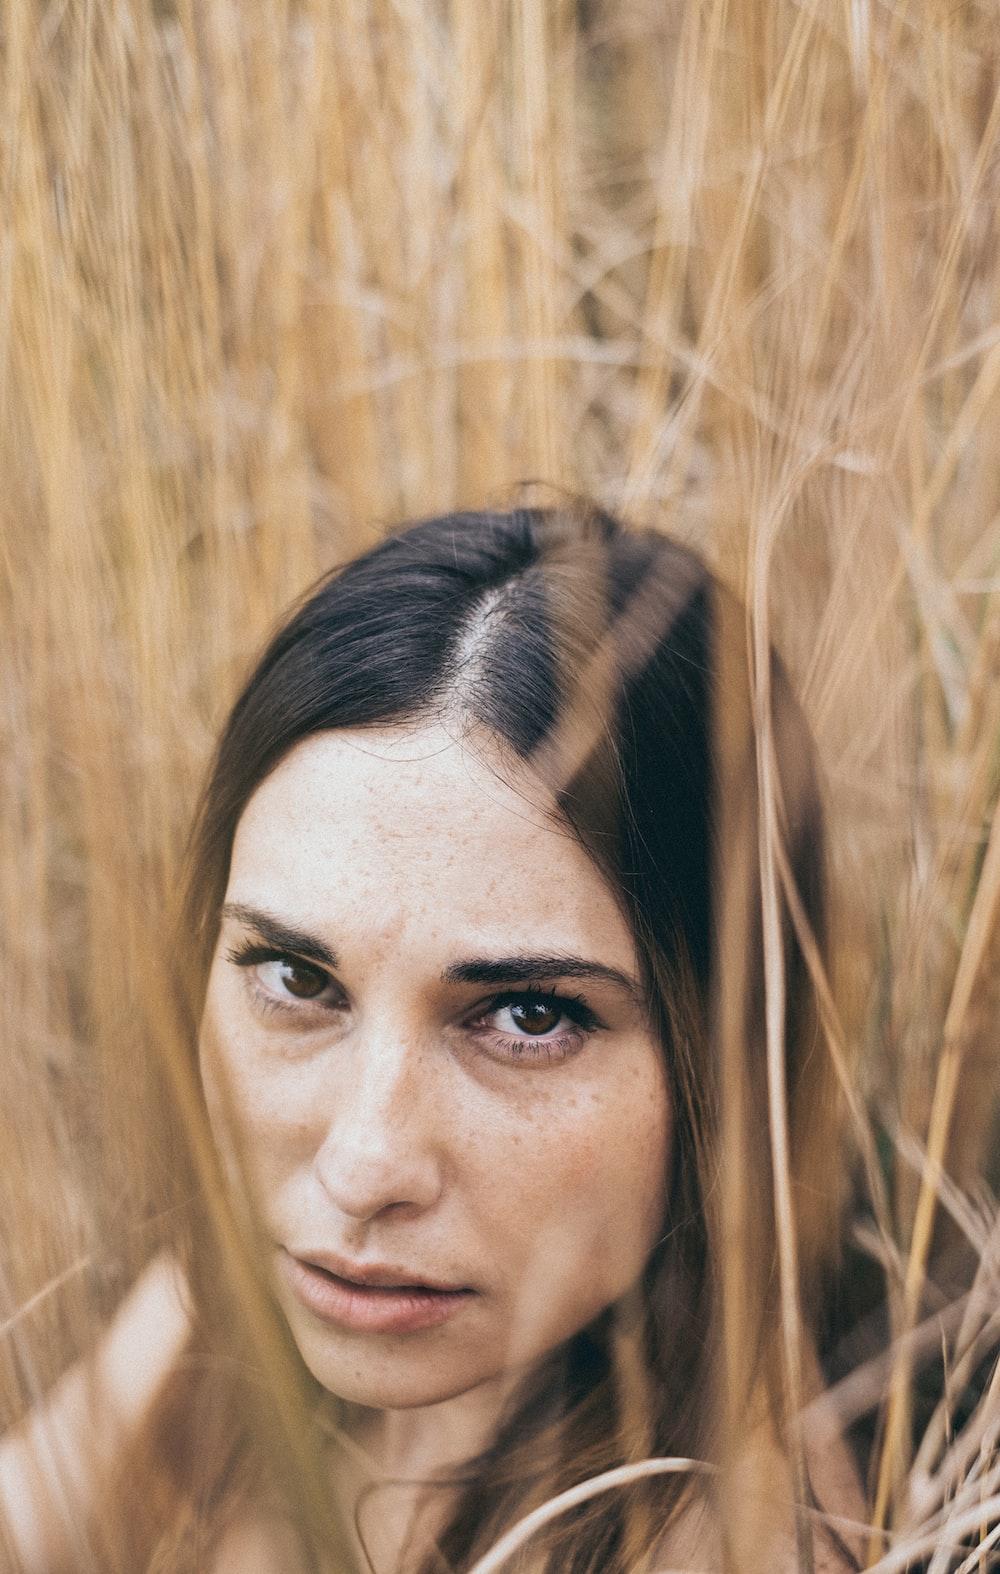 woman beside plants